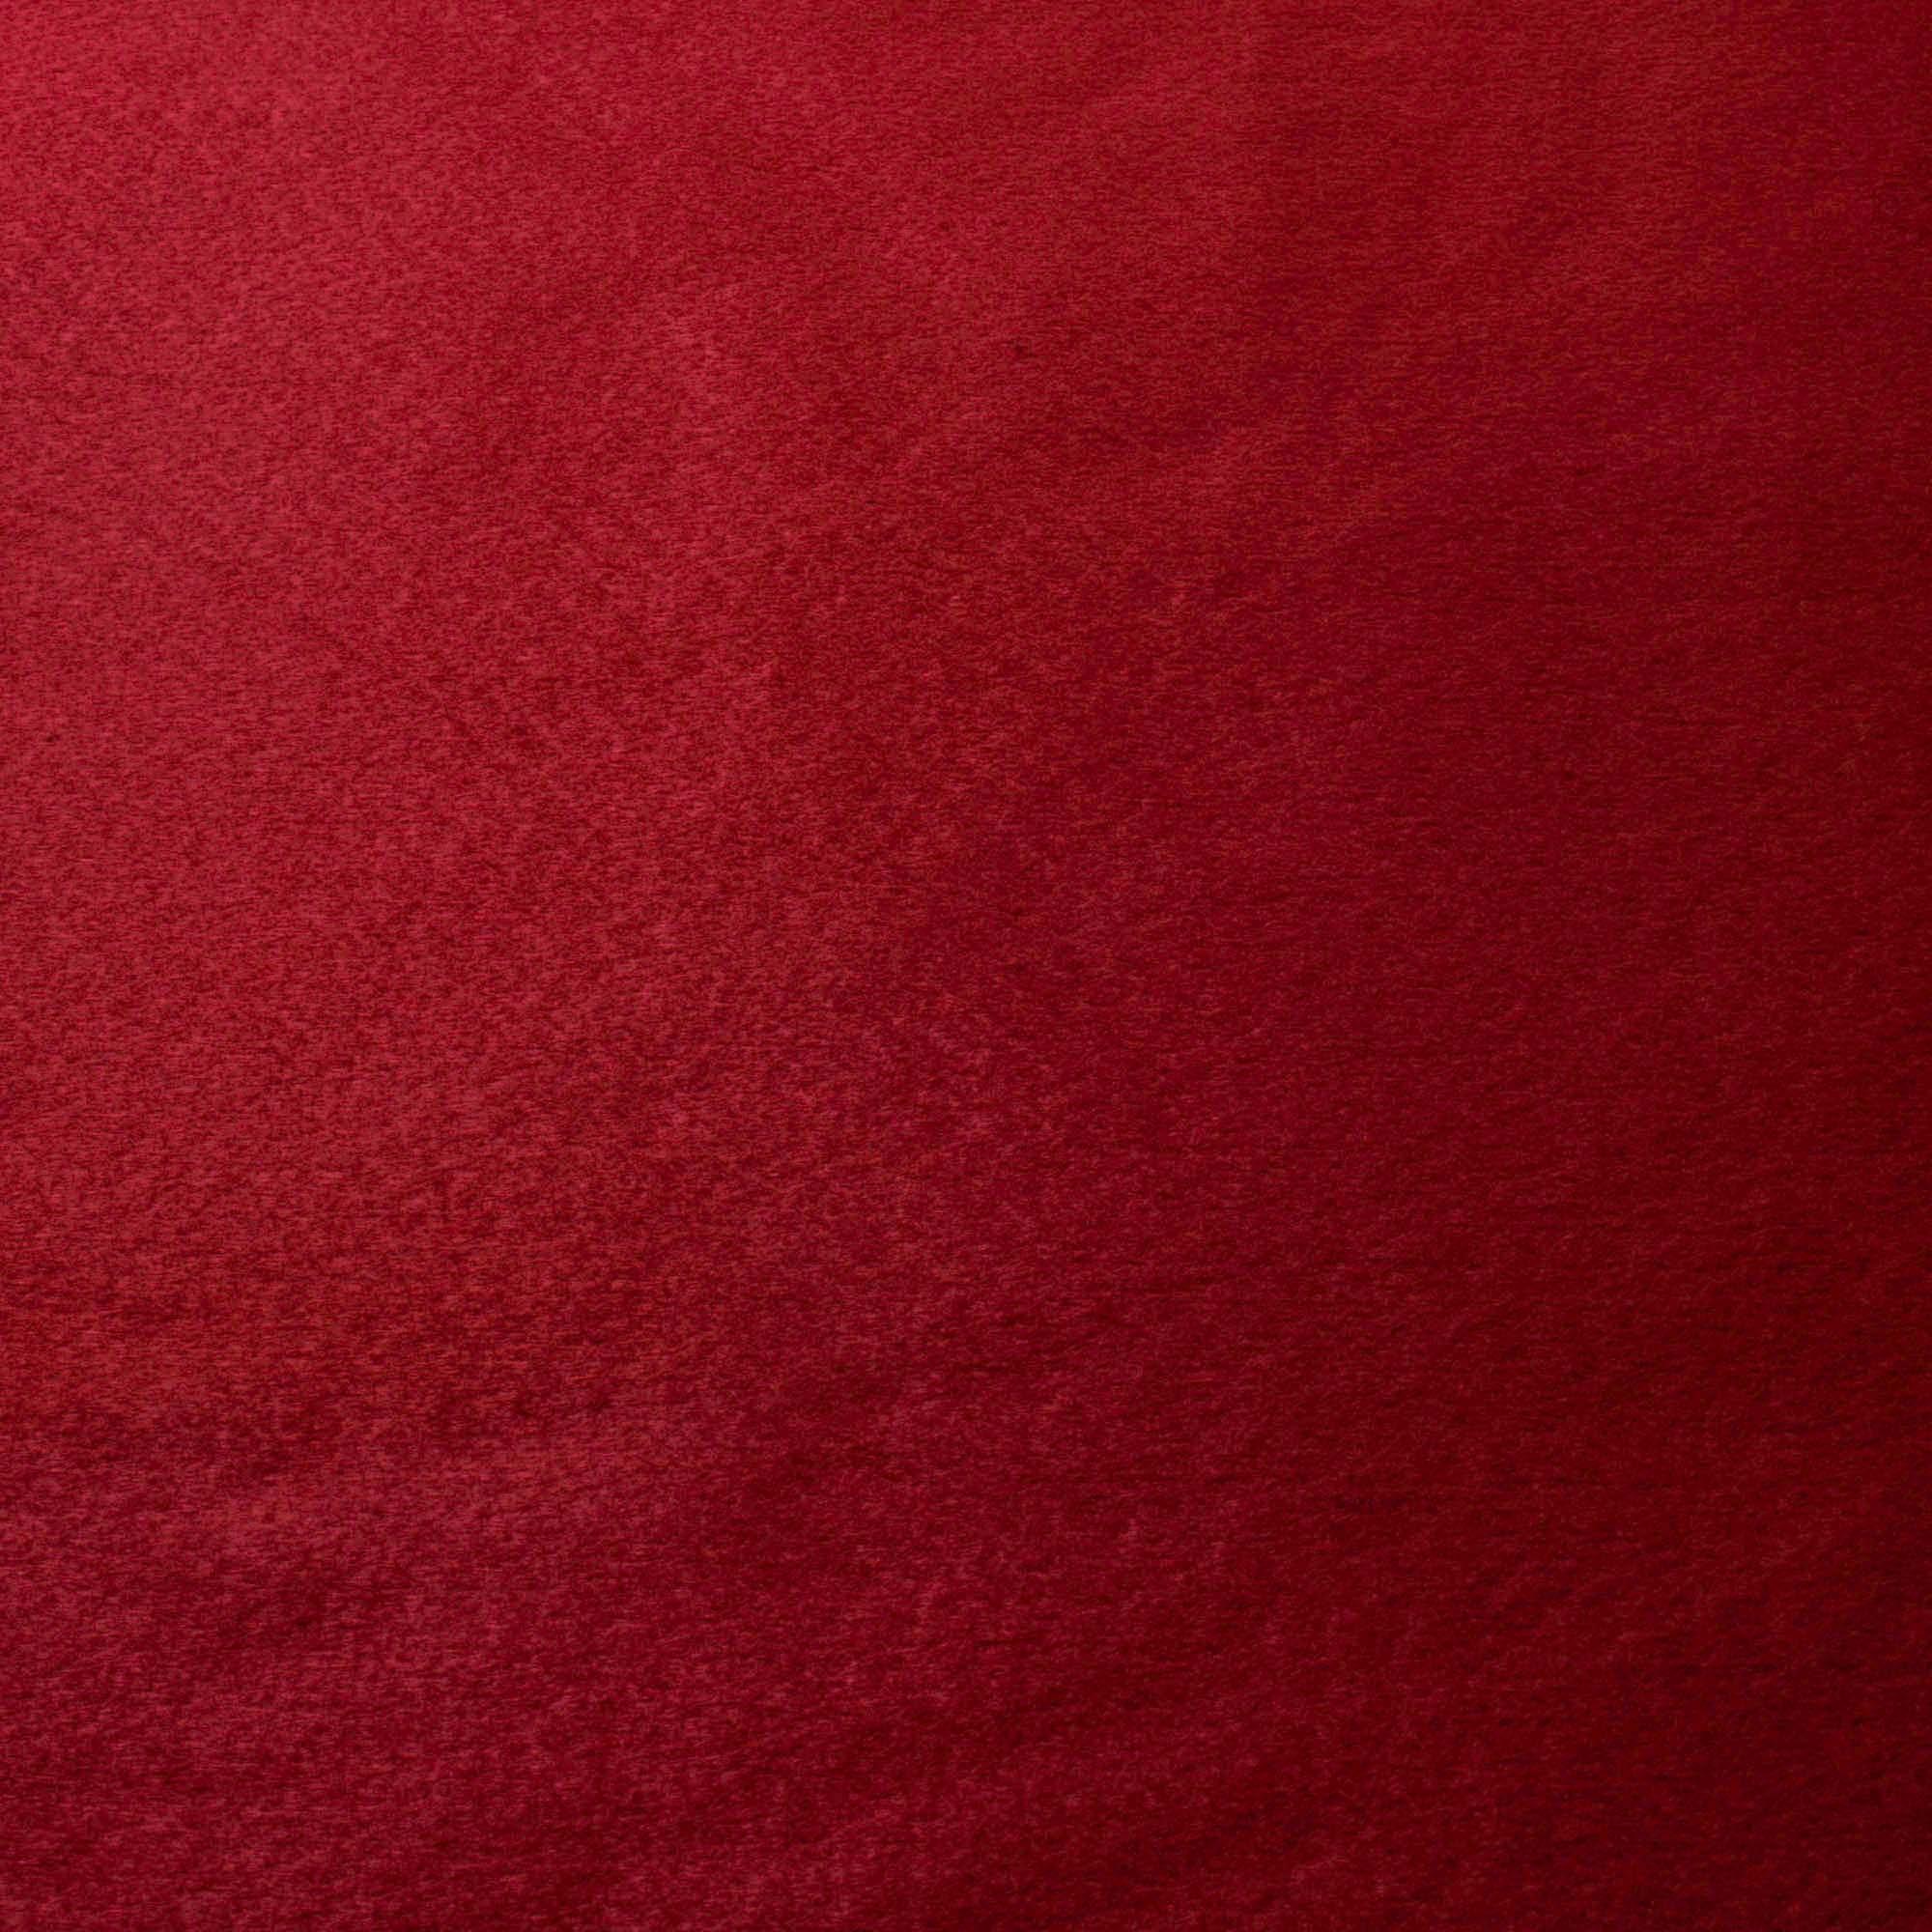 Tecido Feltro Vermelho 100% Poliester 1,40 m Largura